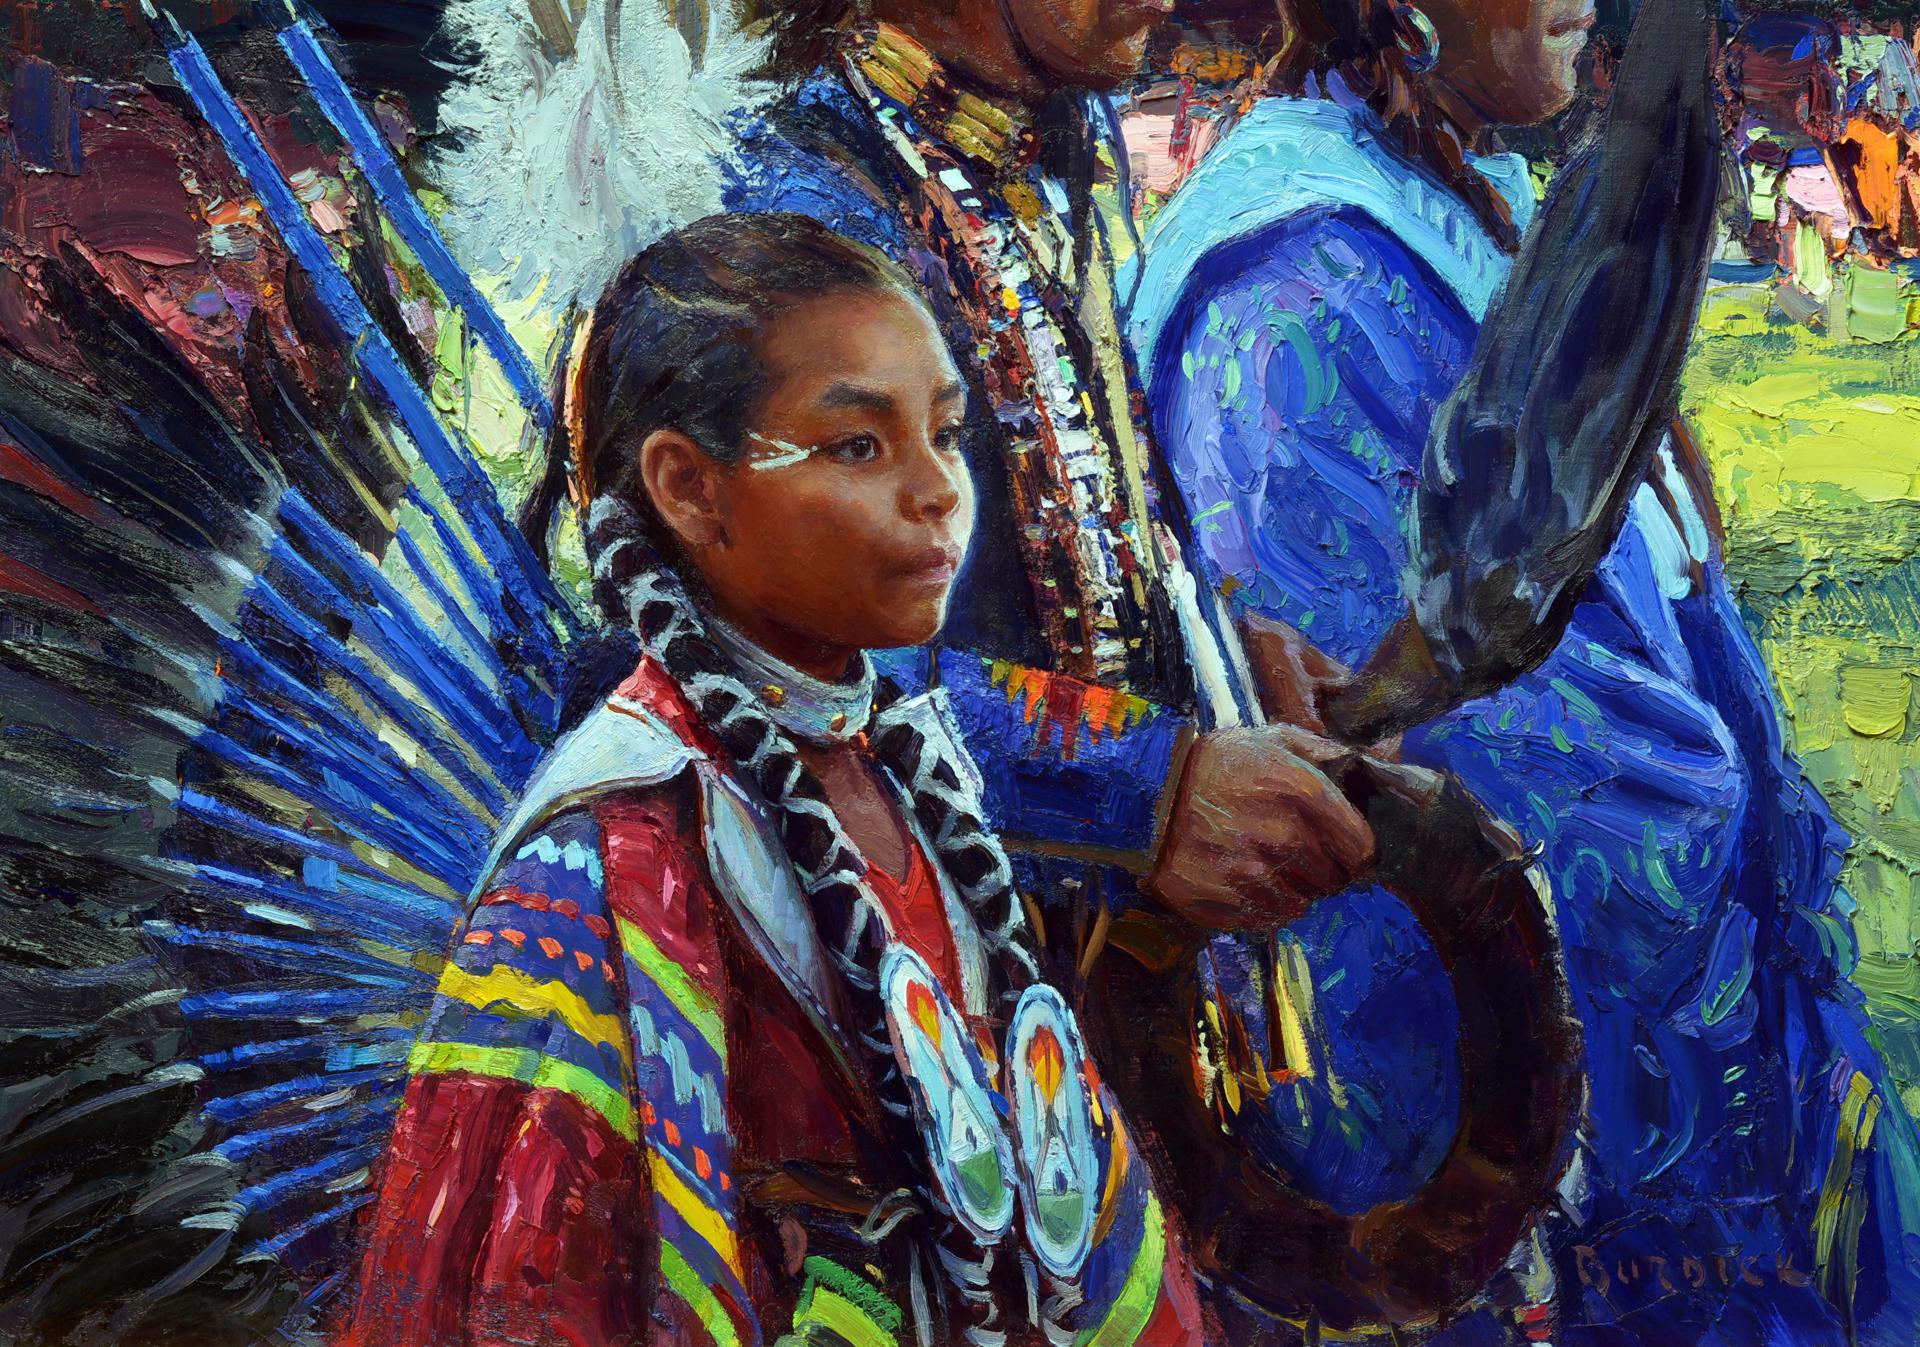 Wings of Blue by Scott Burdick